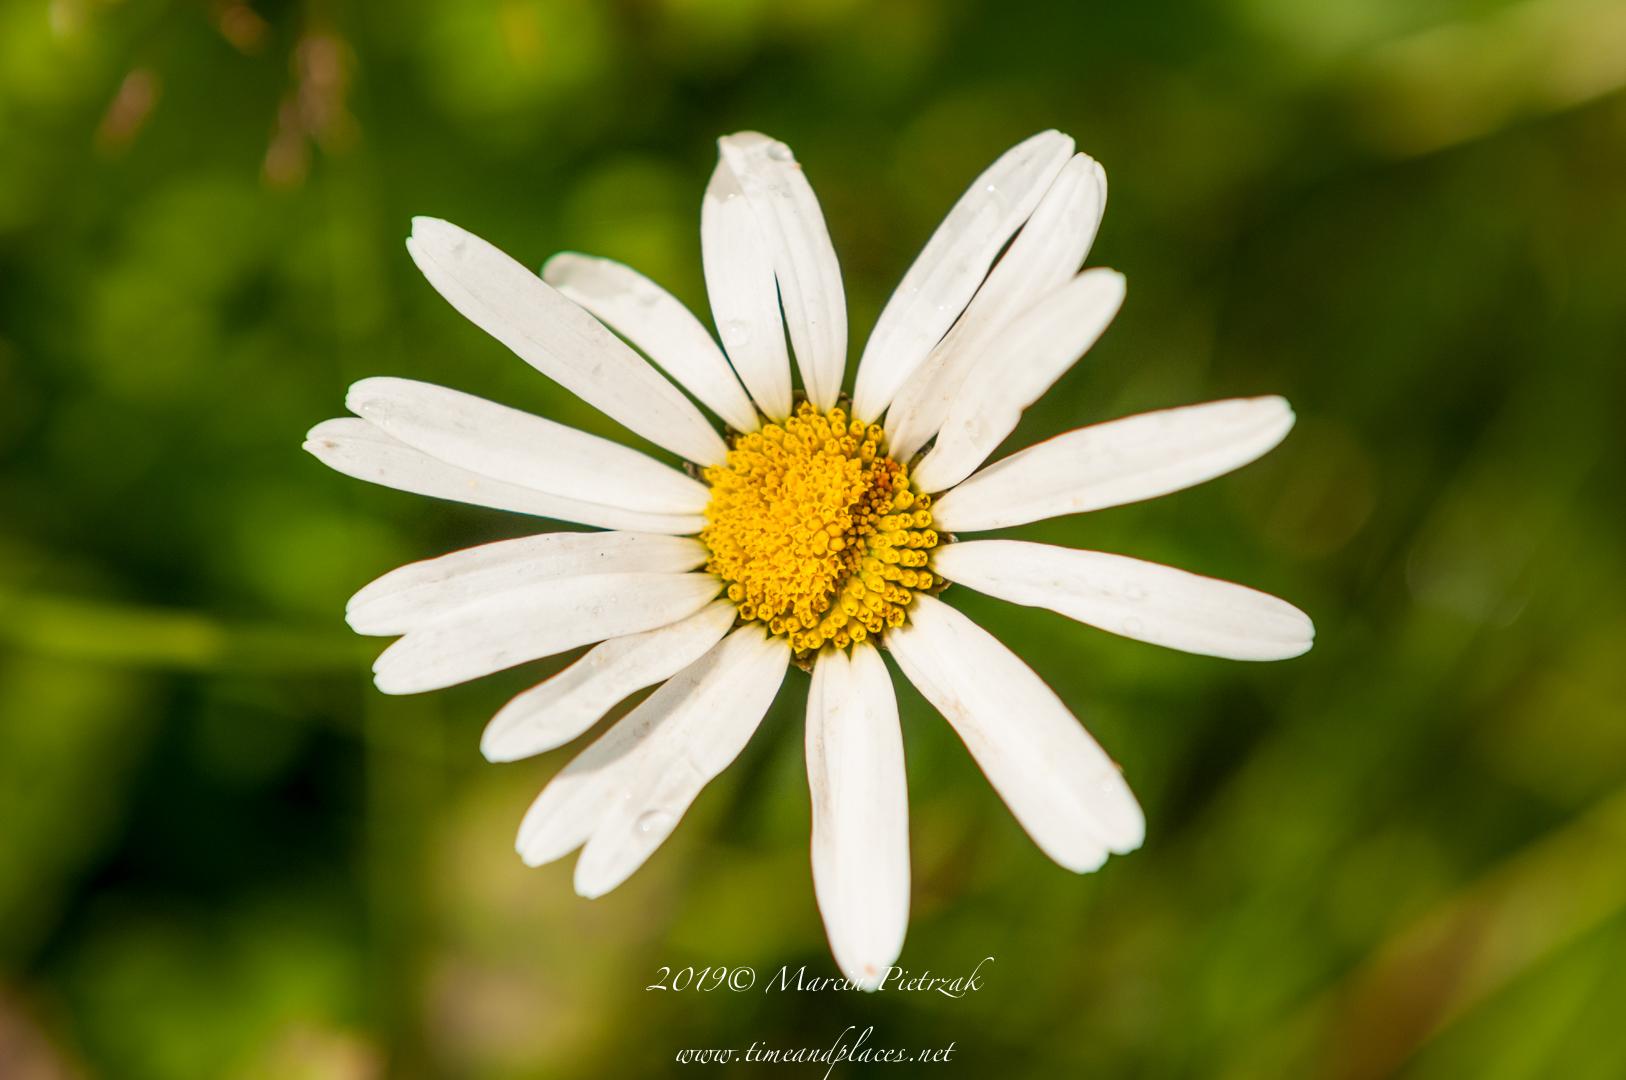 netBotanic Garden flowers - 2019 - MAR_1514.jpg